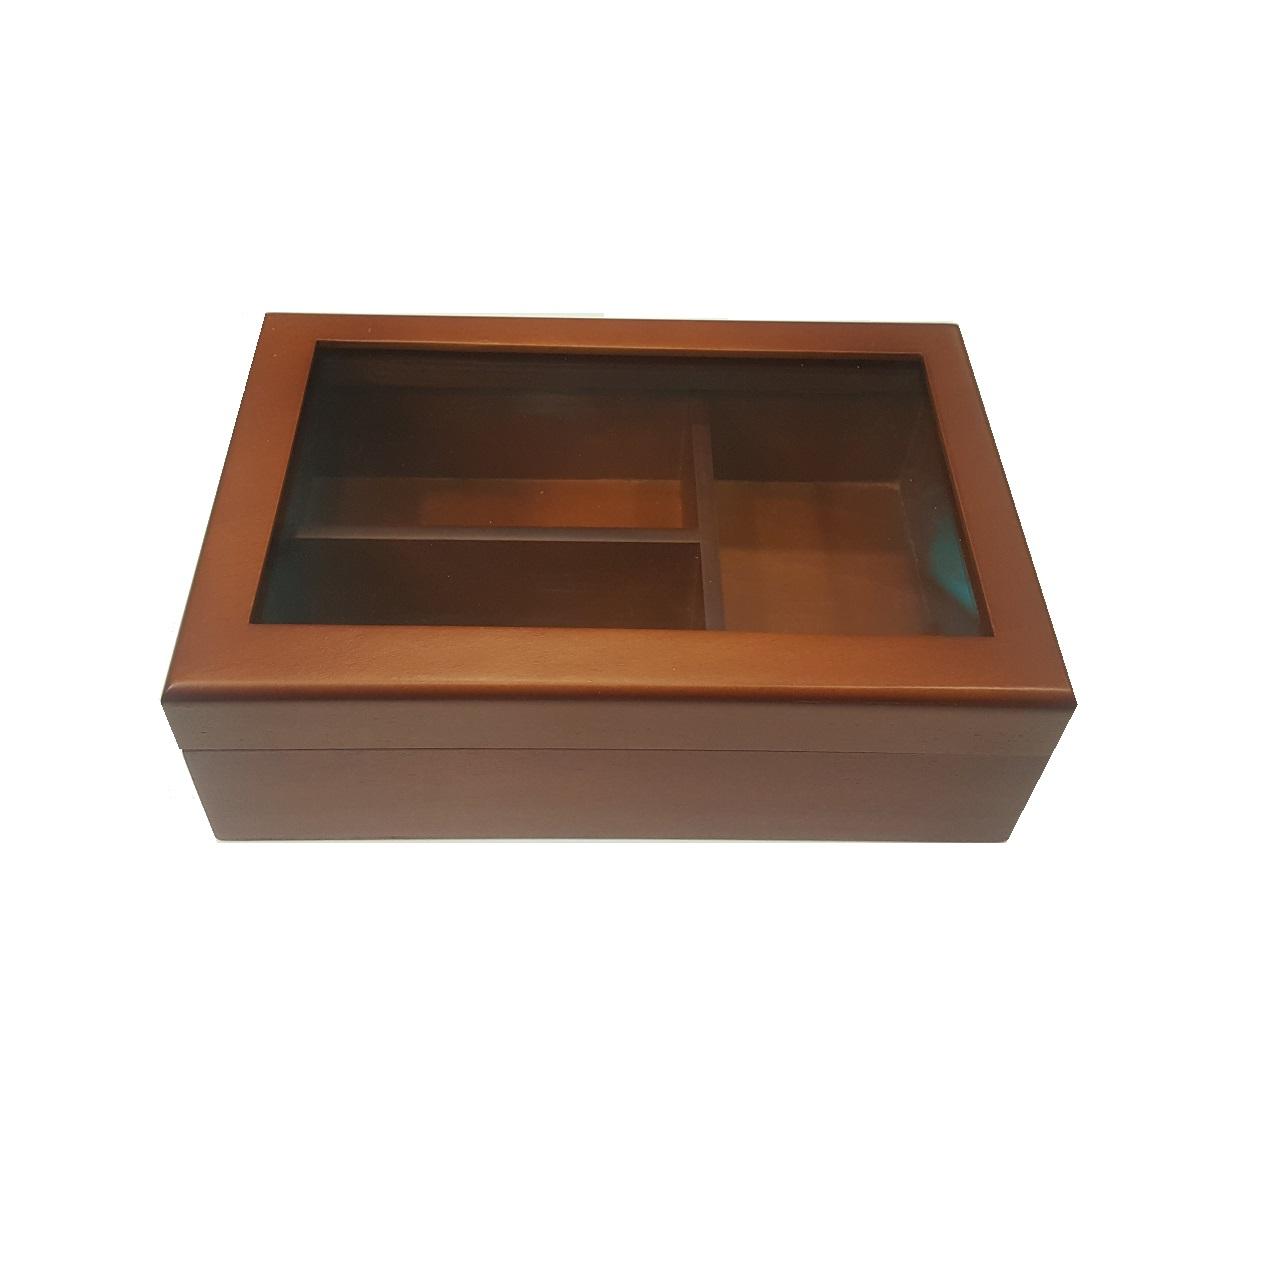 جعبه چای کیسه ای مدل Mp -00108226